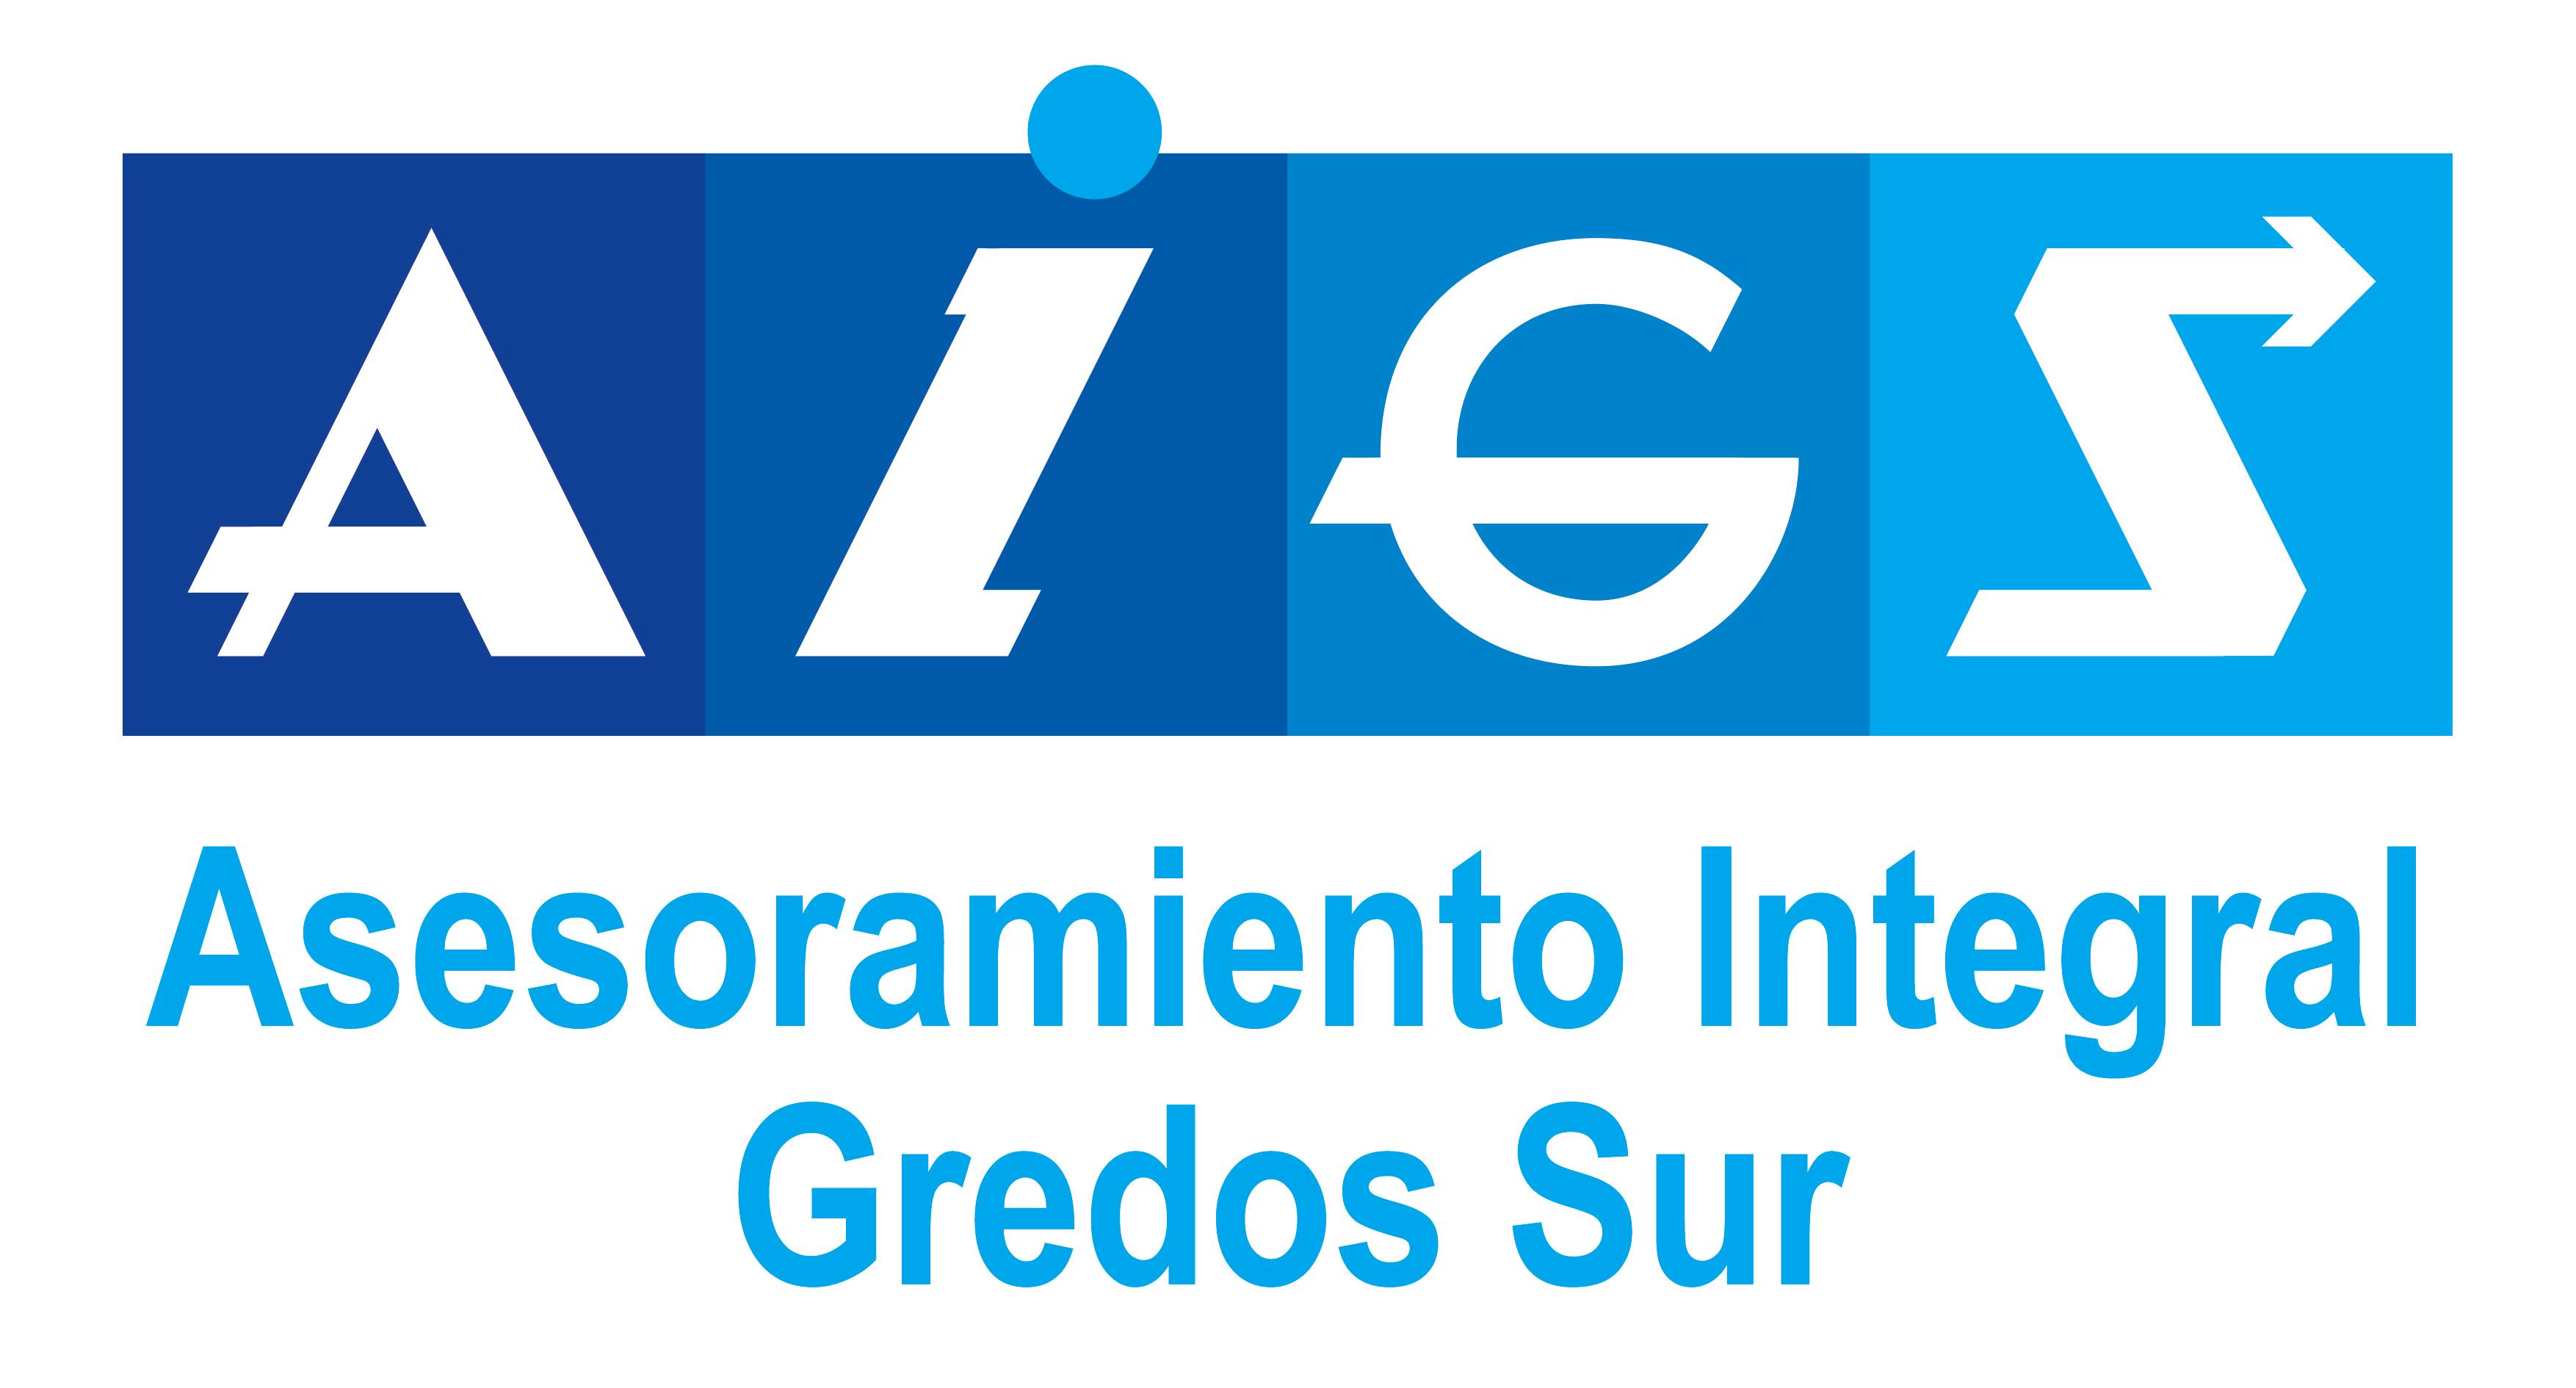 Asesoramiento Integral Gredos Sur